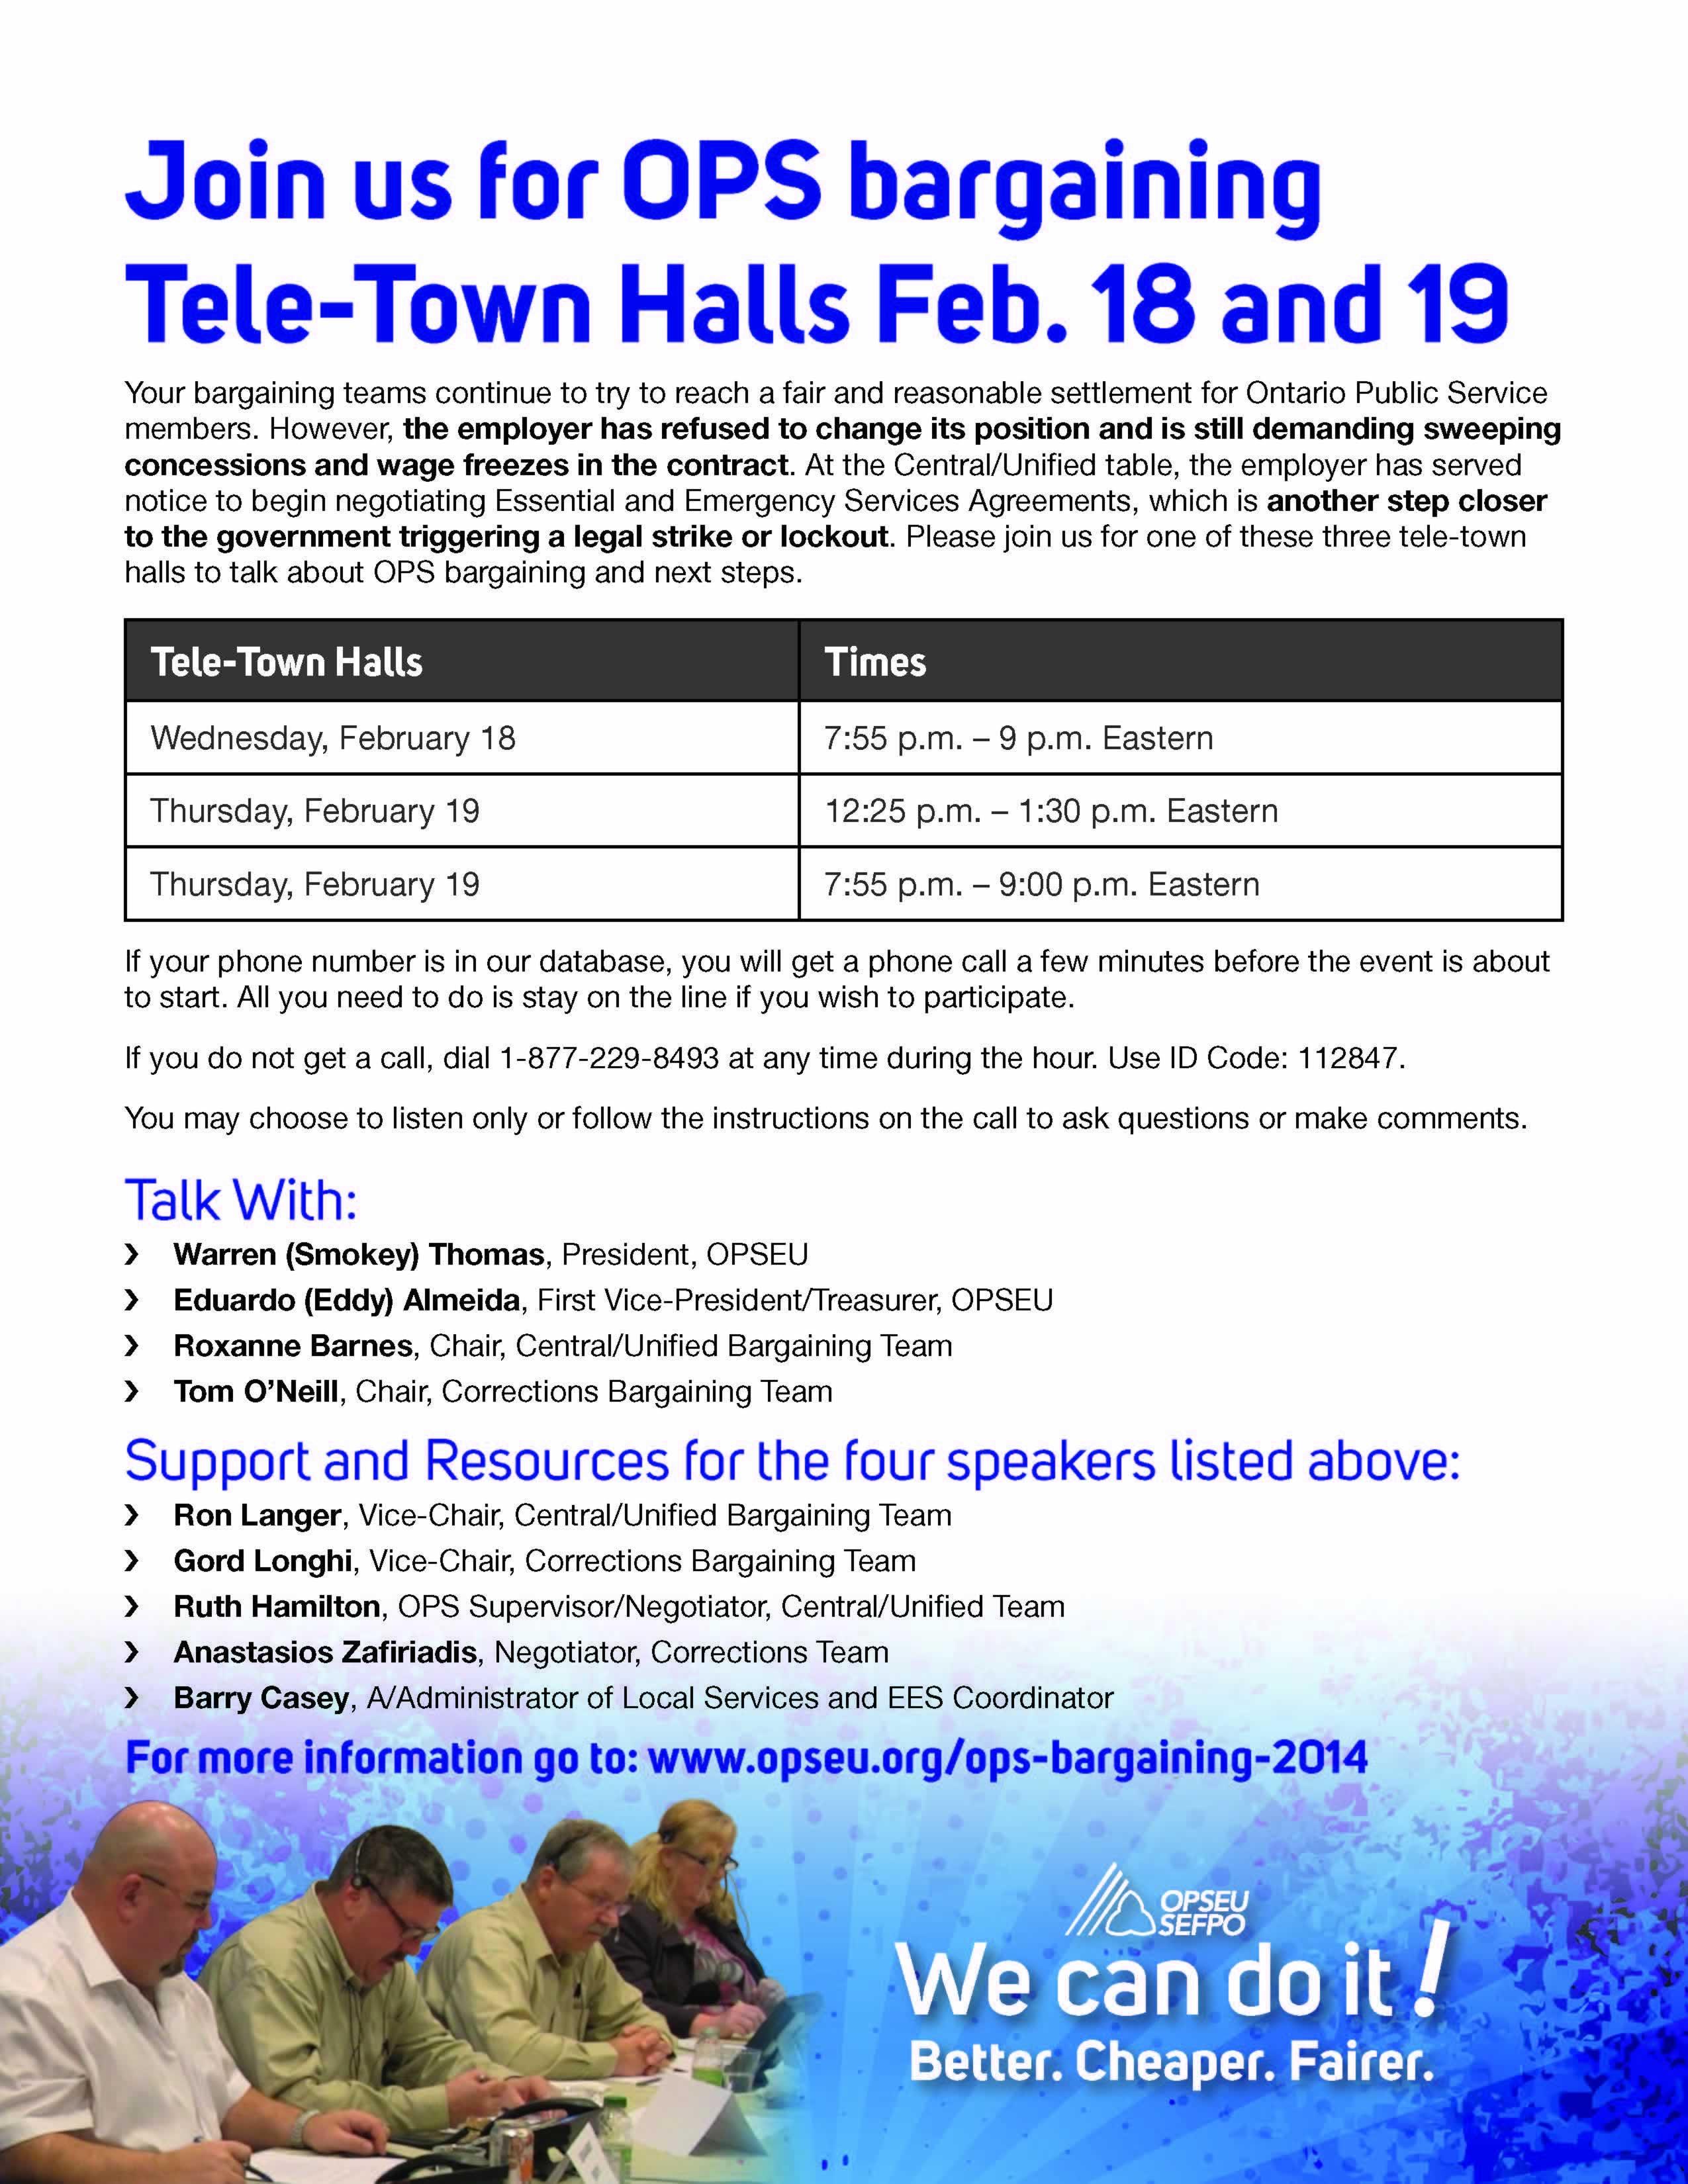 2015-02_en_ops_bargaining_teletown_hall_flyer_e.jpg